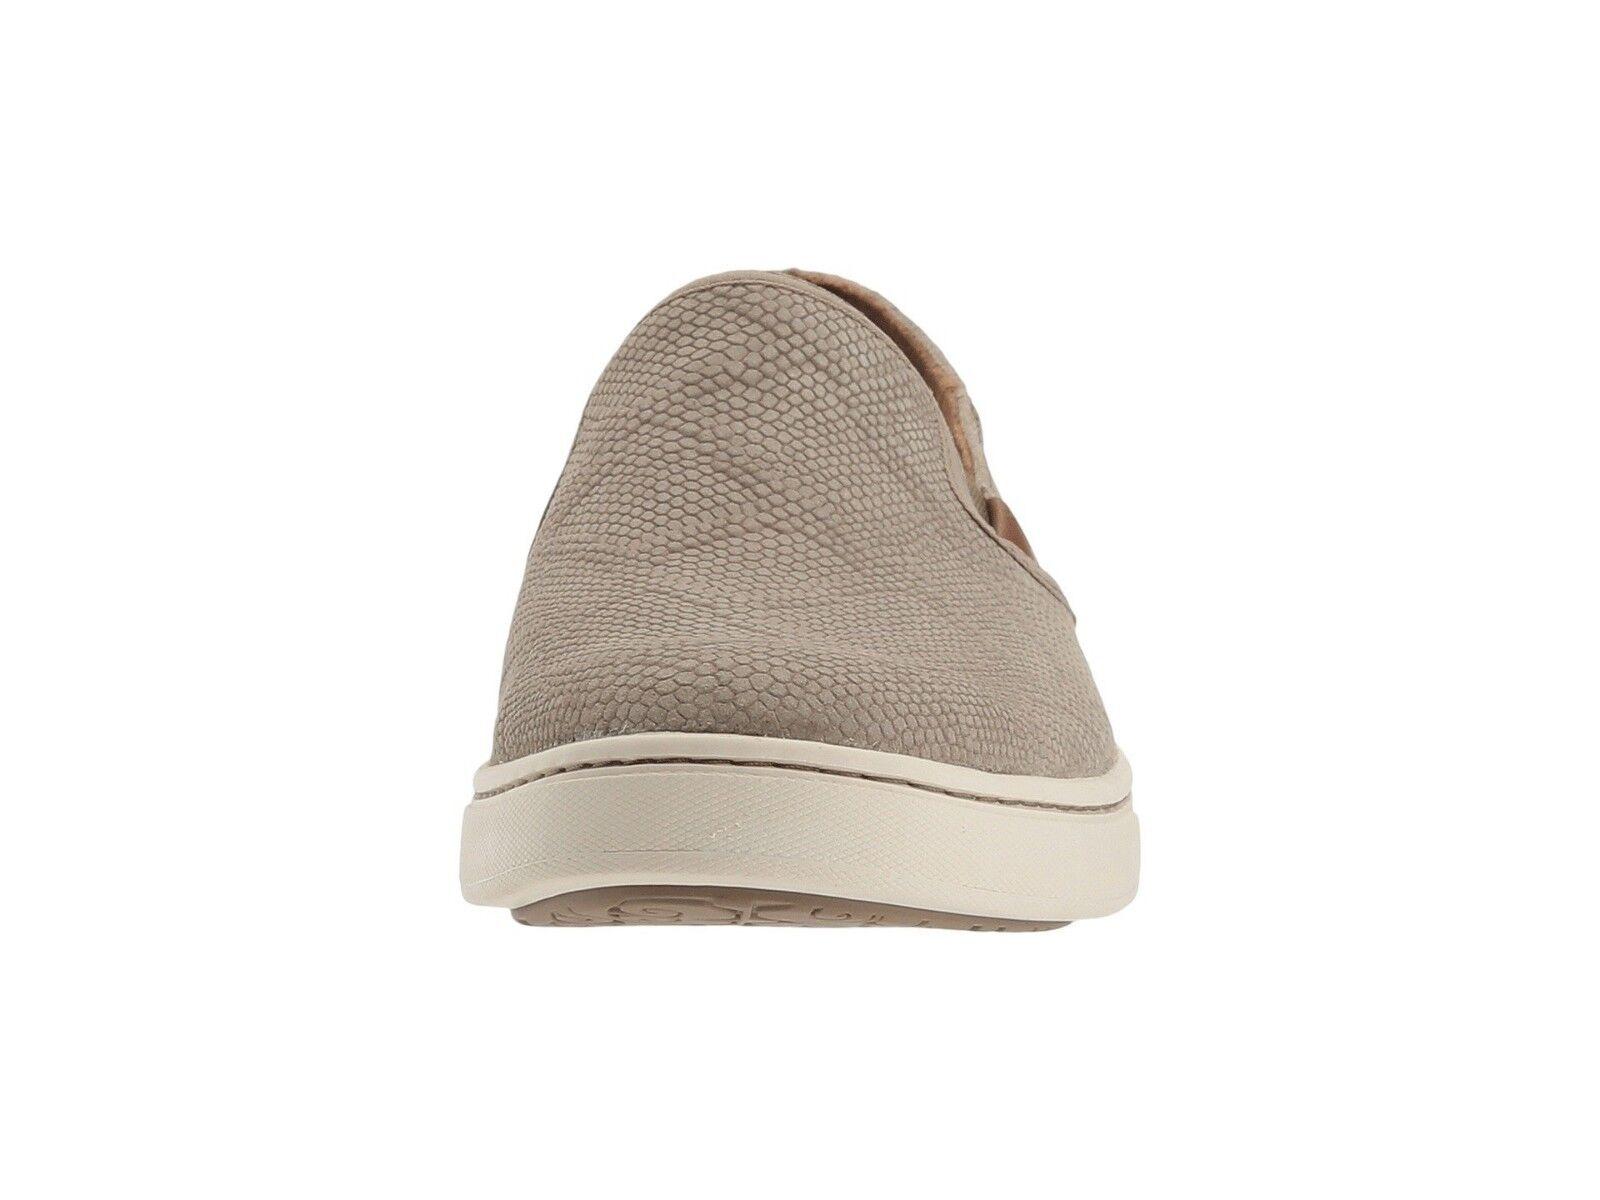 OluKai OluKai OluKai Pehuea Leather Clay Honu Women's Textured Slip On Loafer 20329-LH10 39631b